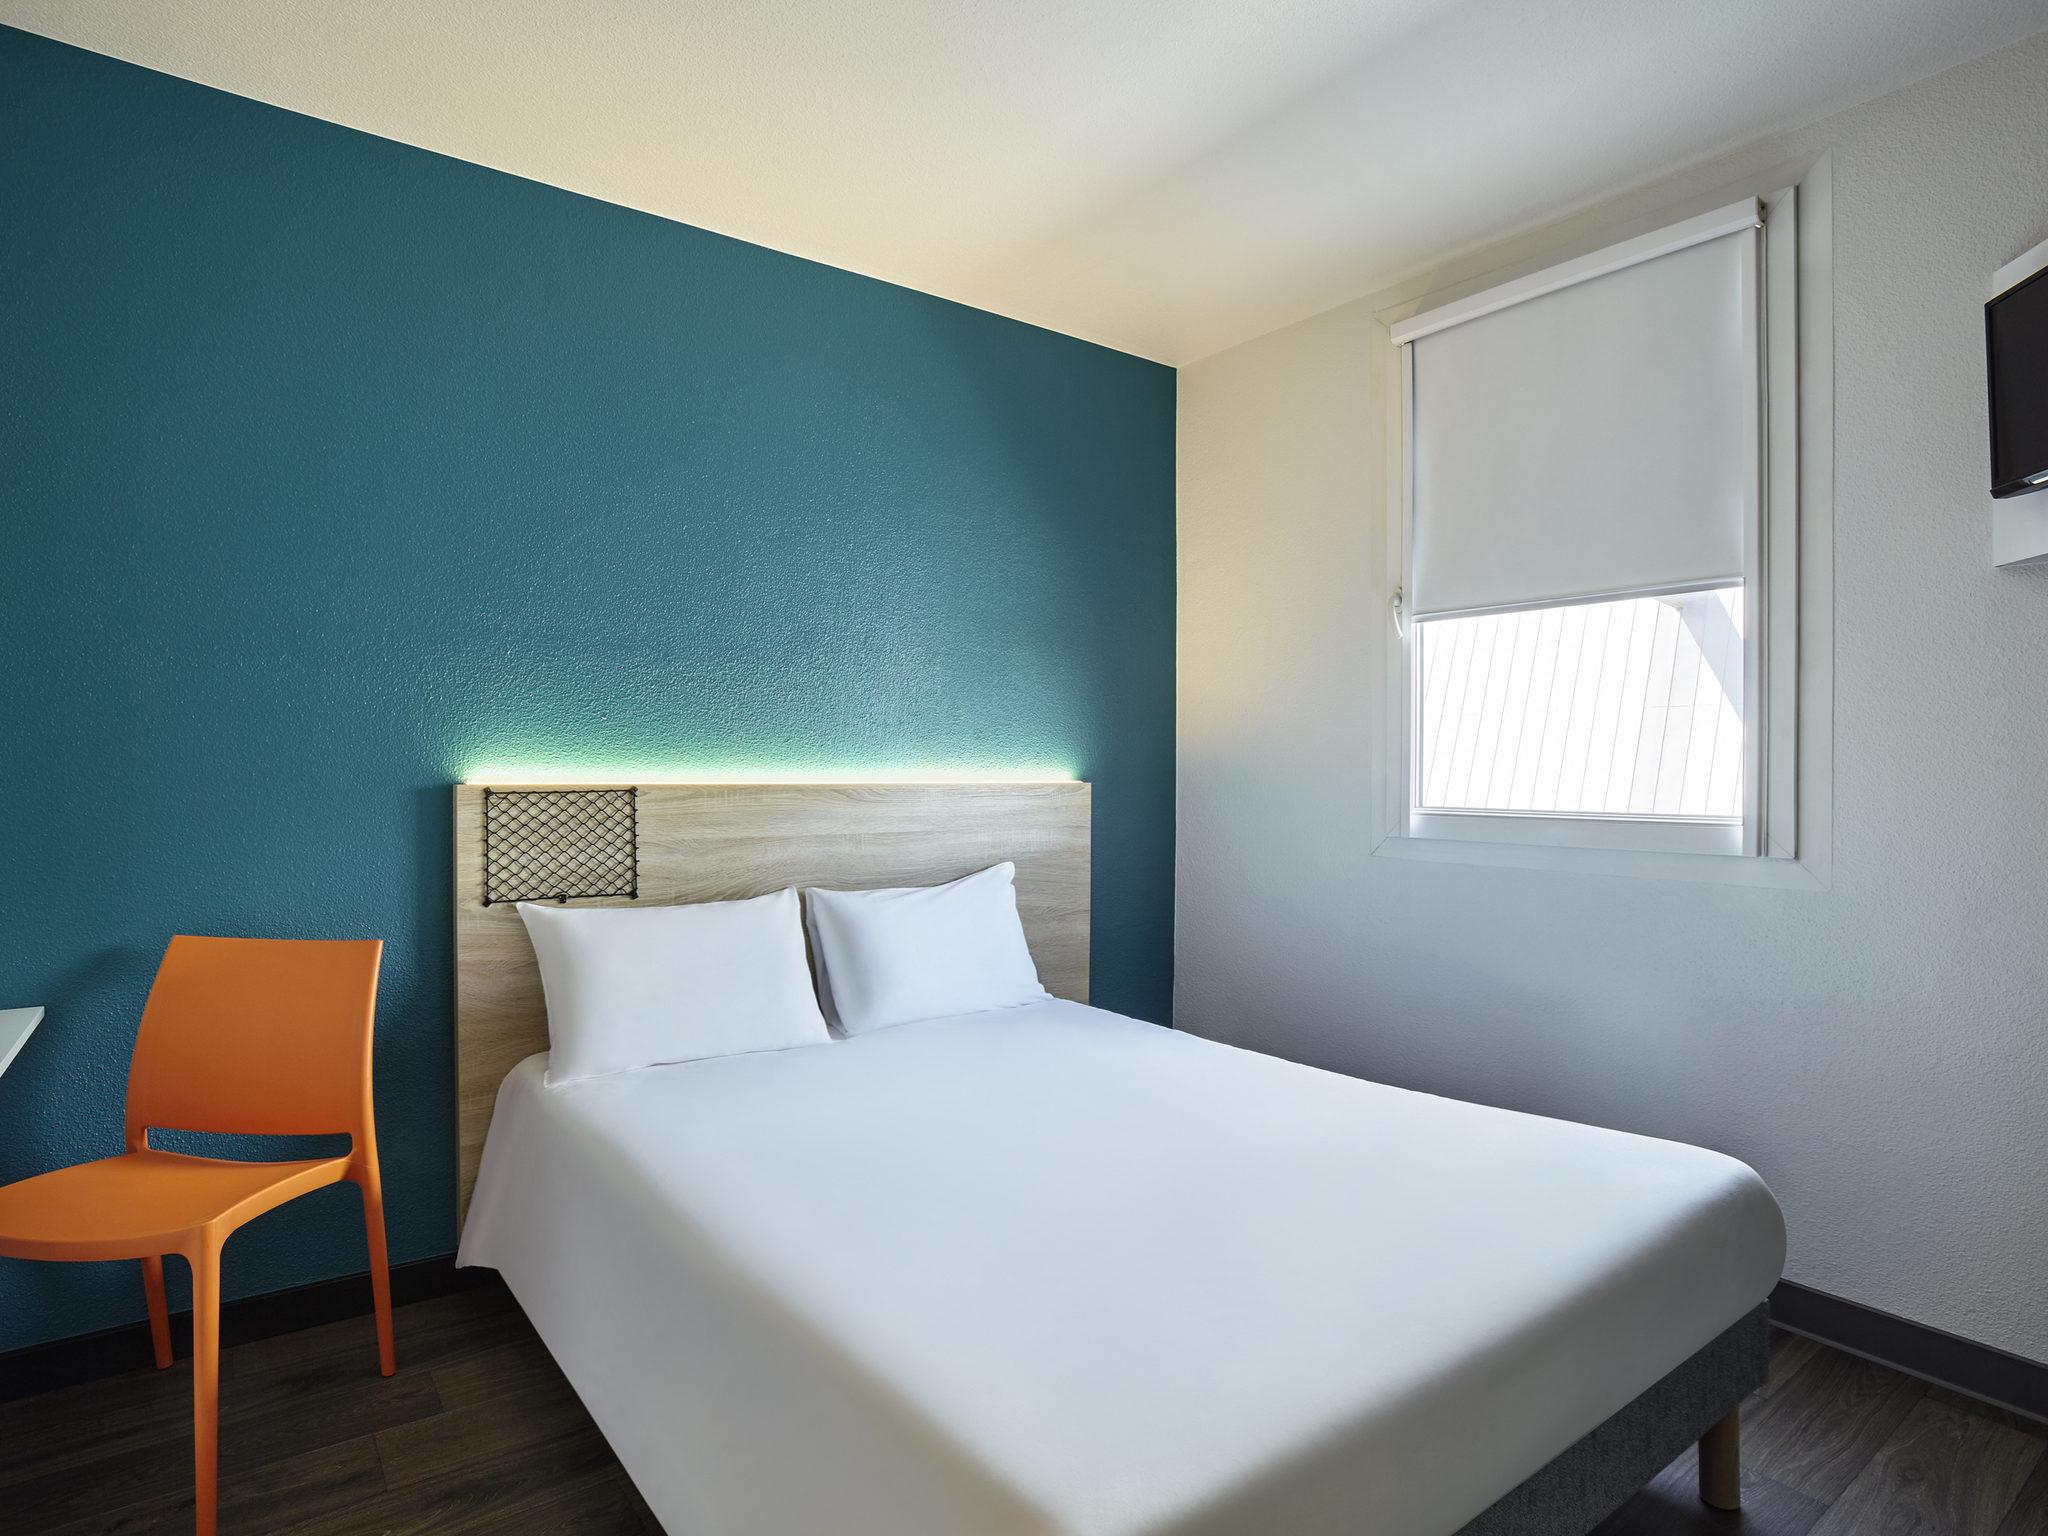 فندق - hotelF1 Bordeaux Ville Aréna (rénové)